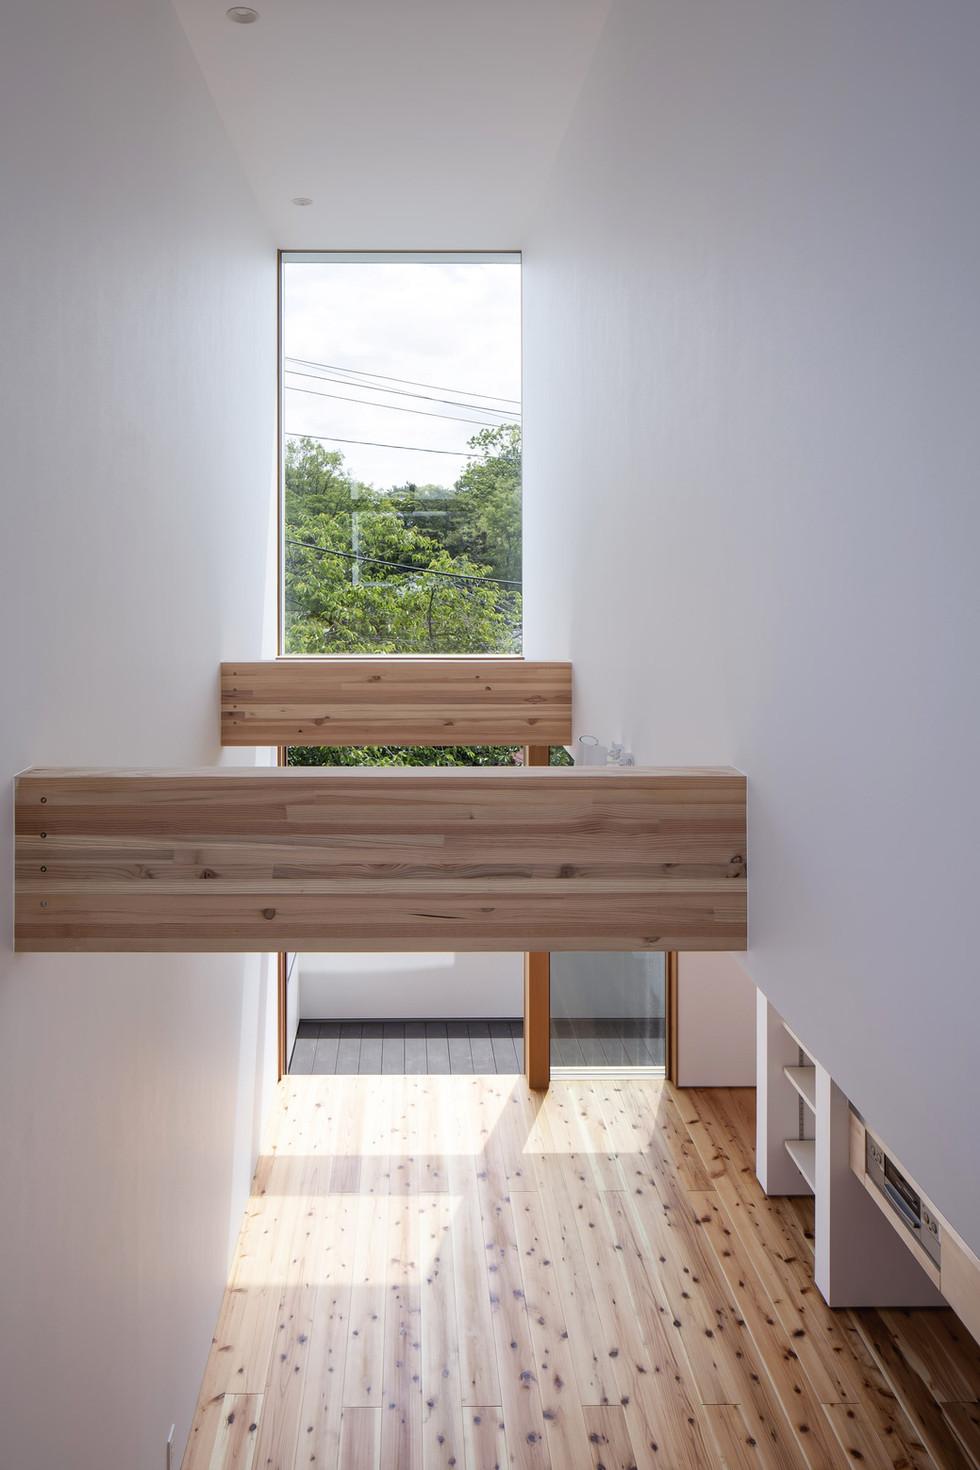 sakai-architect-office_2400_08.jpg